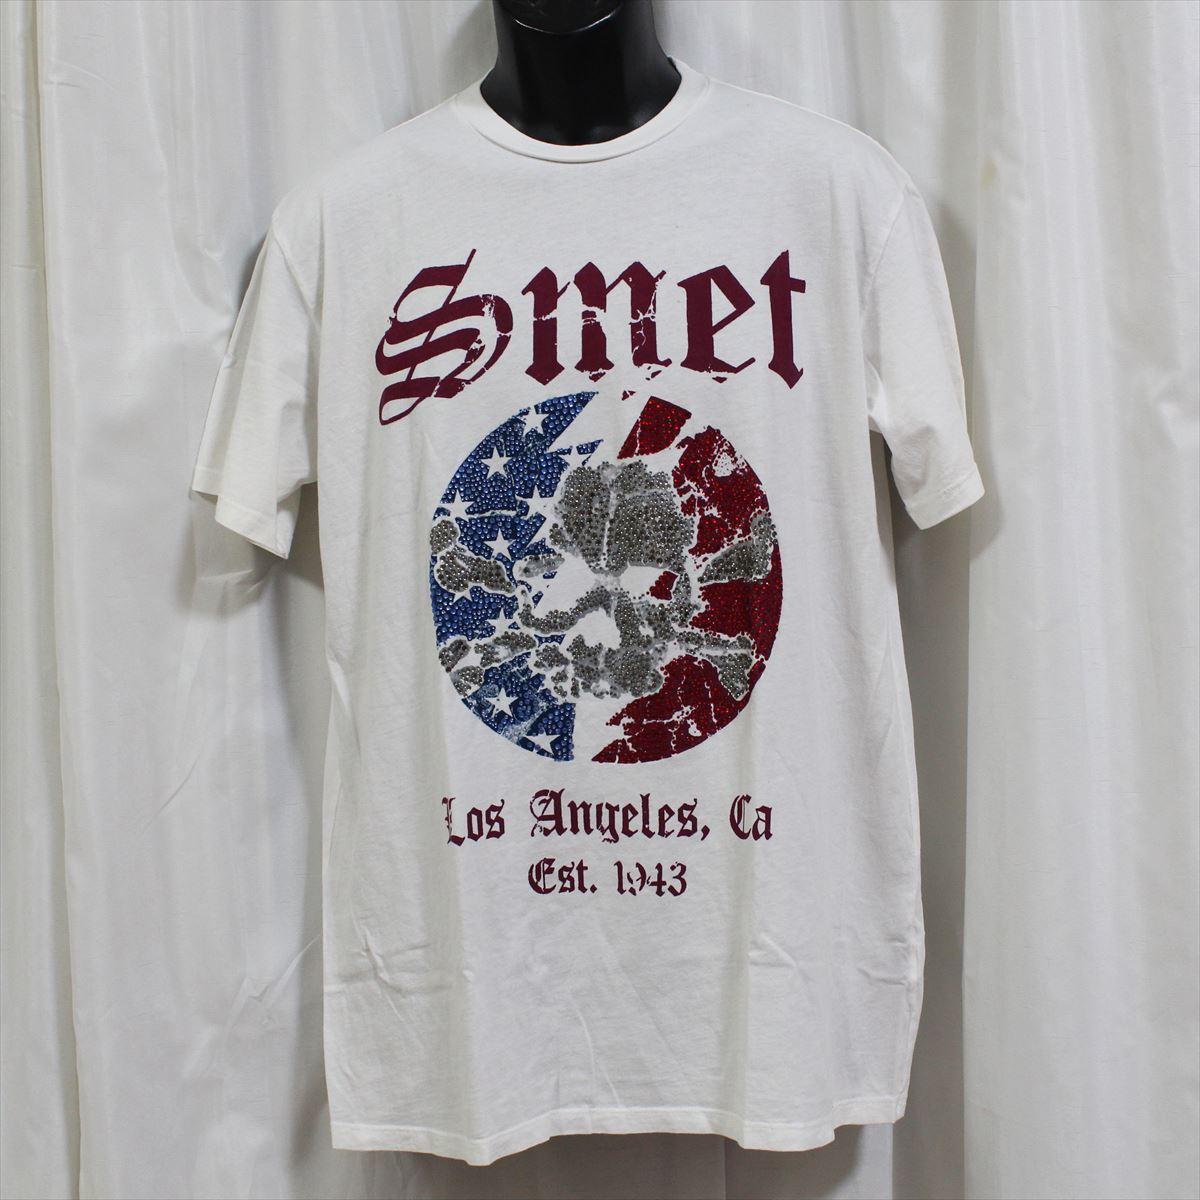 スメット SMET メンズ半袖Tシャツ ホワイト Sサイズ NO11 新品 白 スカル_画像1